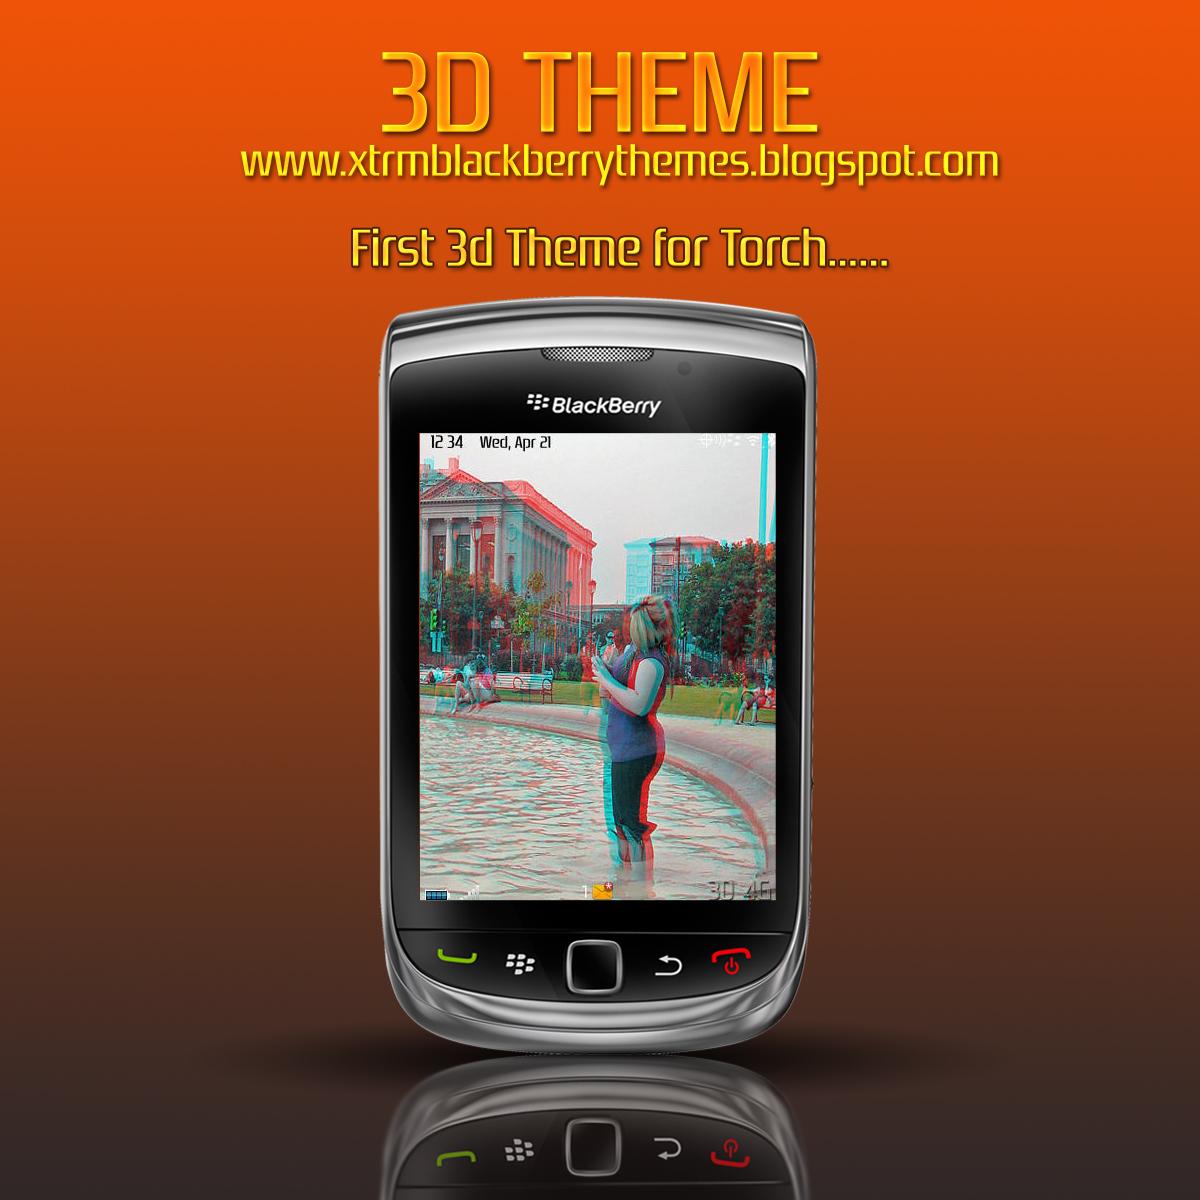 http://2.bp.blogspot.com/-i0fhKLtGnTk/Tpfmj7bS2pI/AAAAAAAAAT8/05u7iq-xxhA/s1600/Wallpaper+Main+screen.jpg